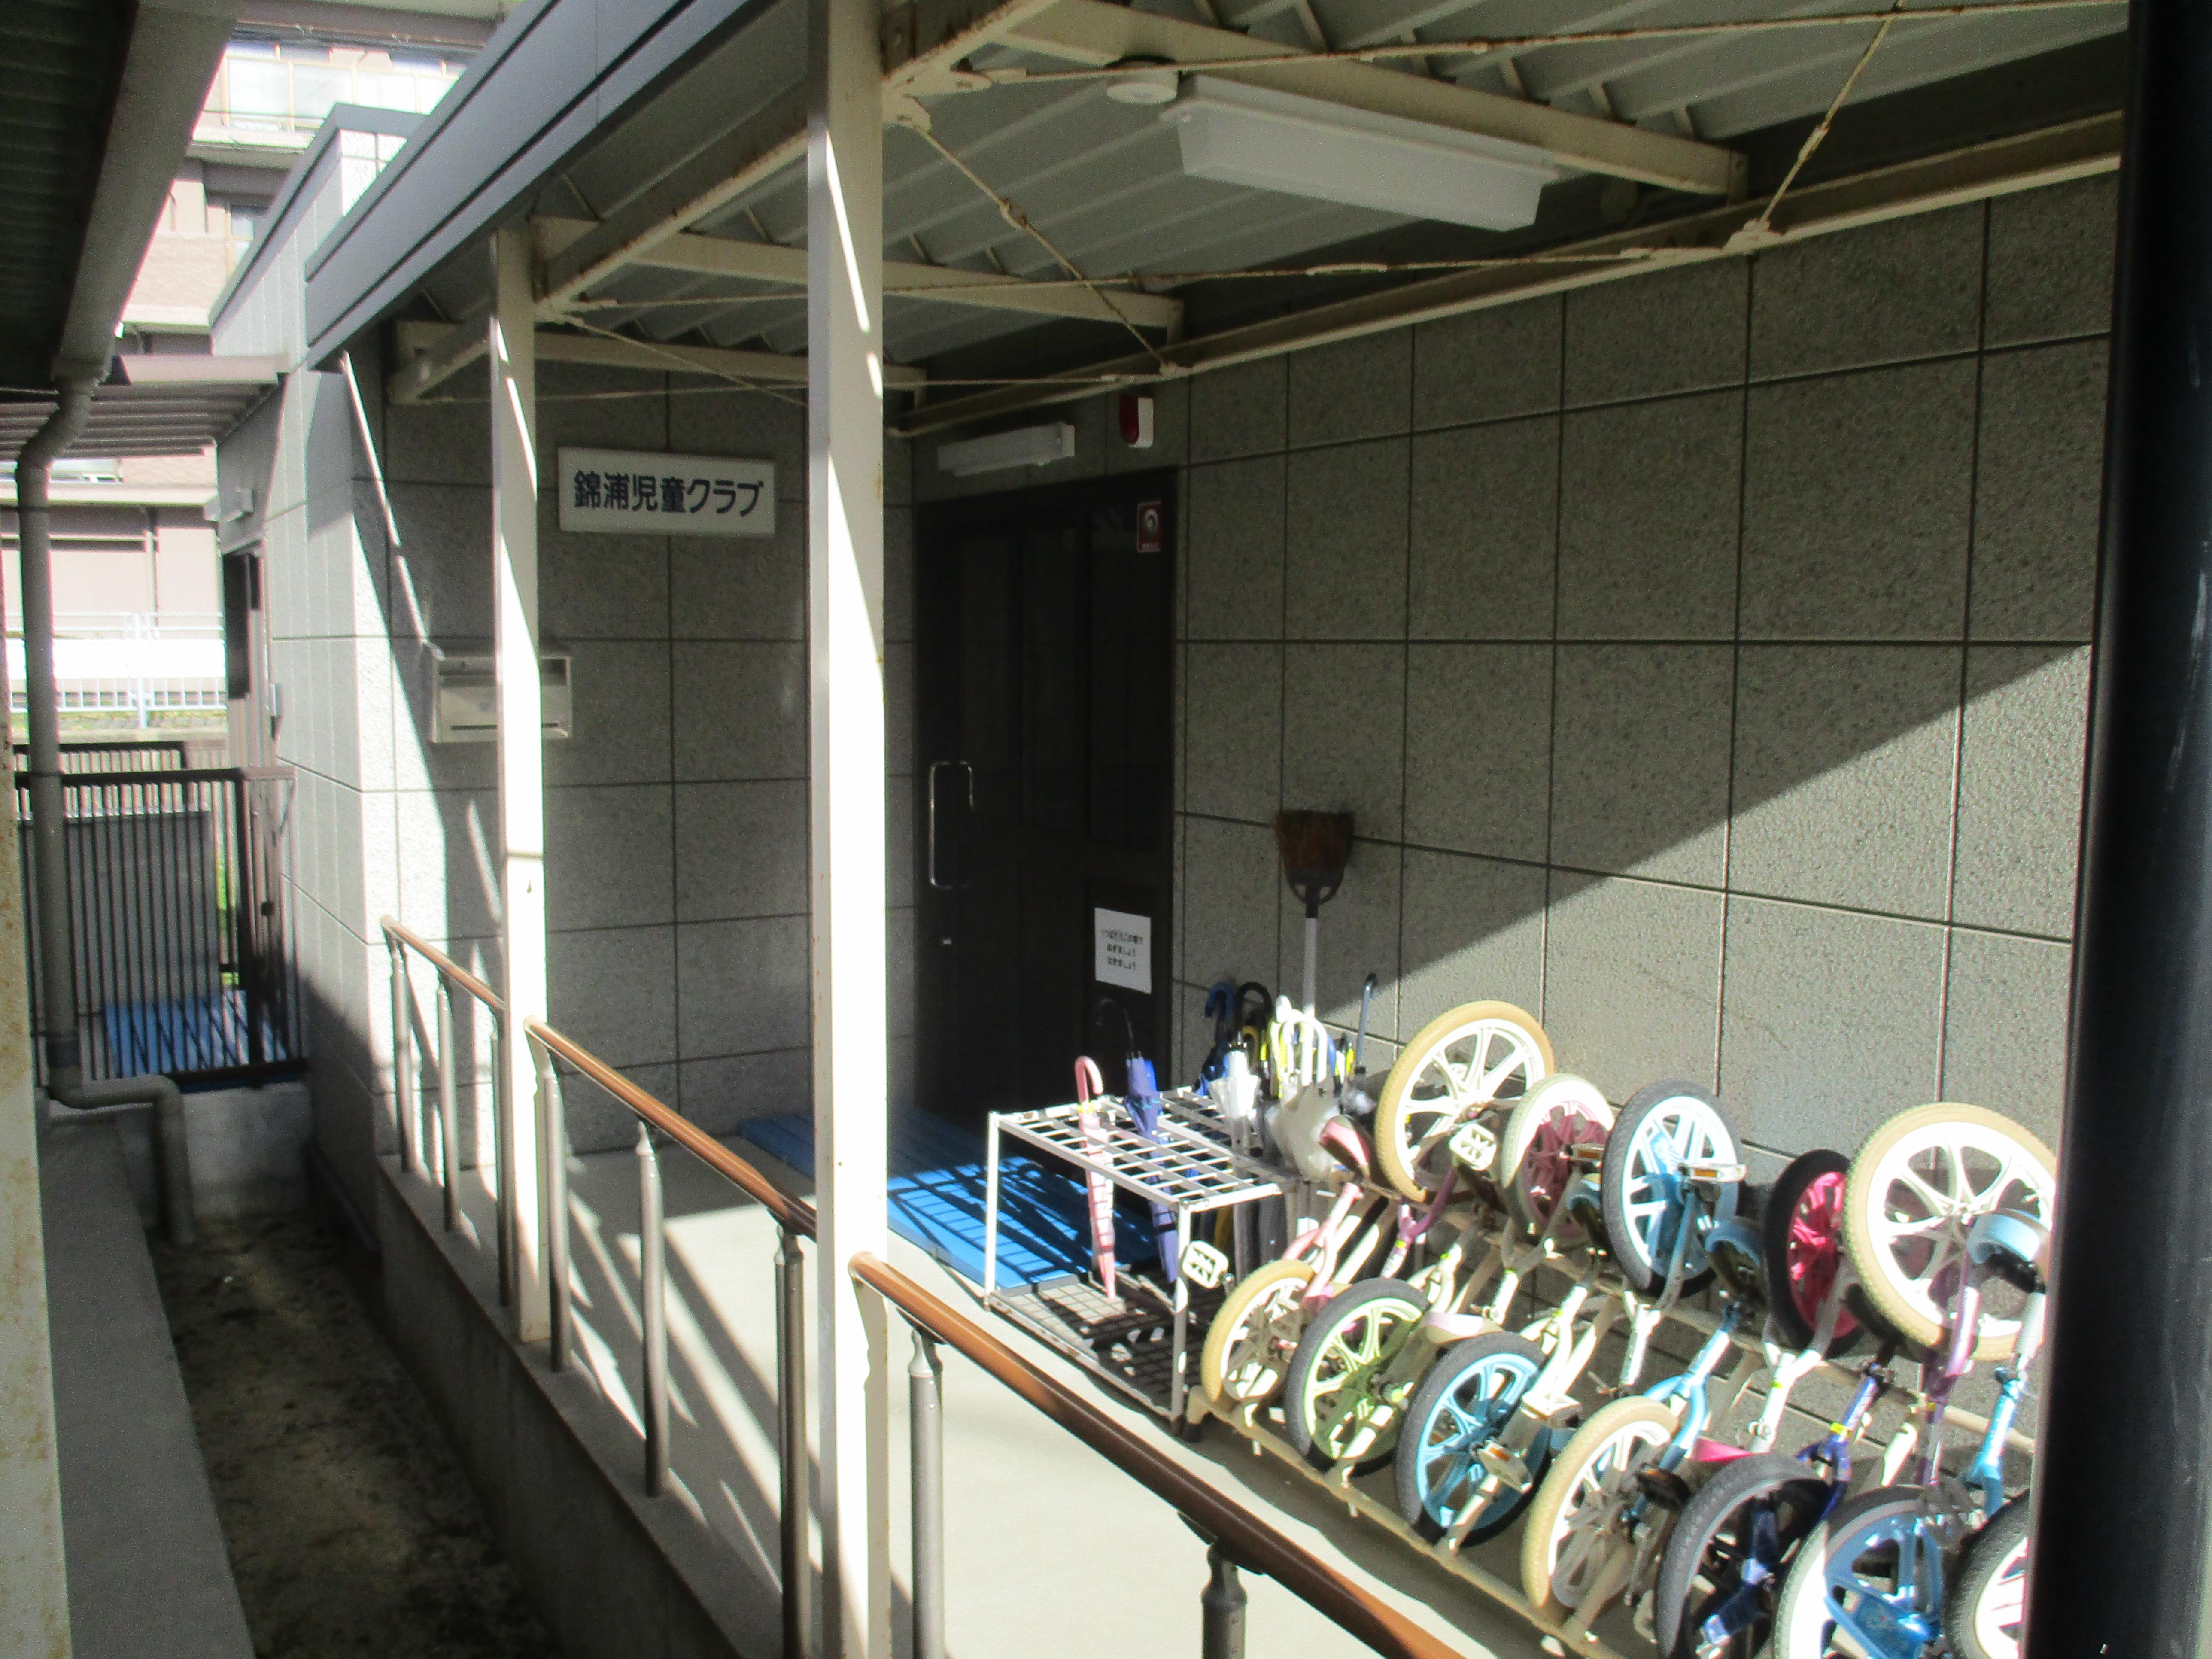 錦浦 児童クラブ   児童クラブ紹介   明石市の学童保育は一般財団法人 ...